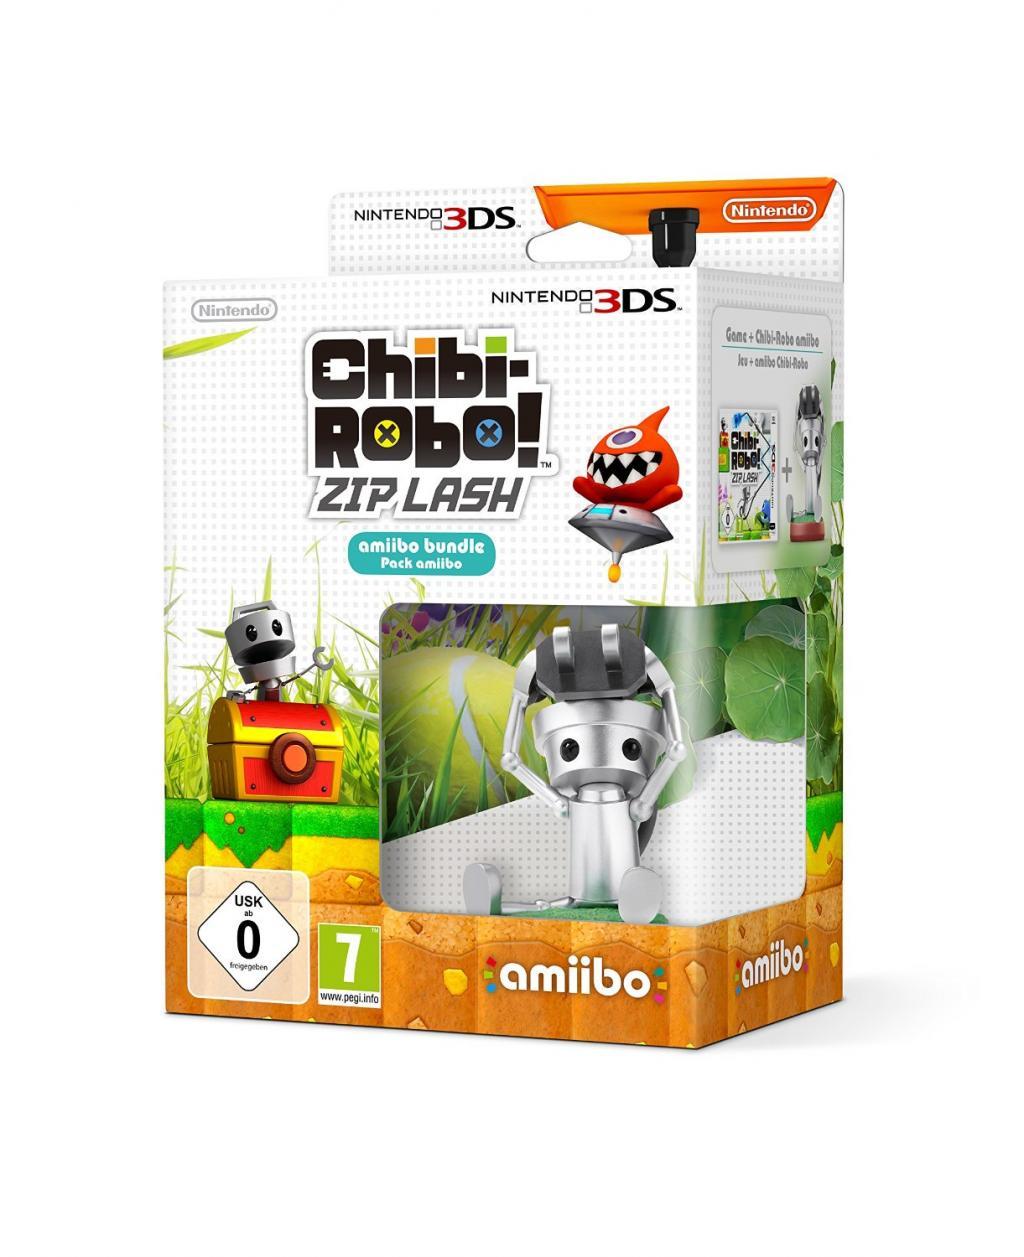 Chibi Robo Lash + Amiibo_2